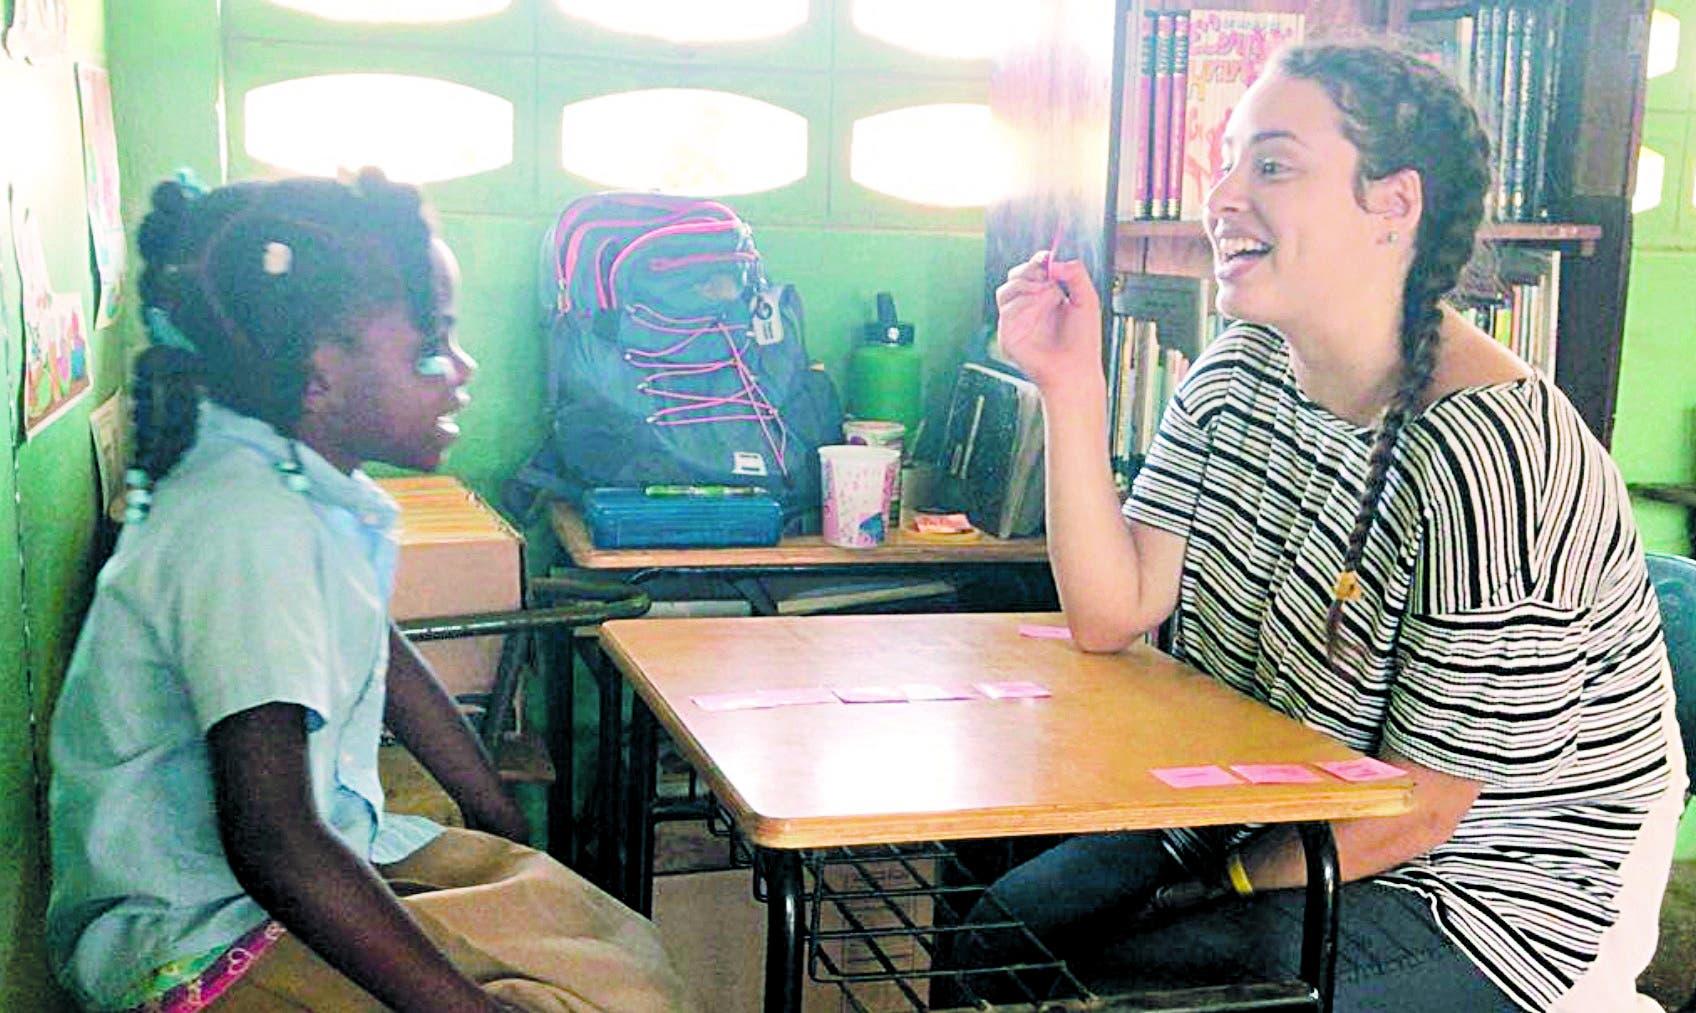 Una de las  voluntarias  mientras alfabetiza a una niña en una de las comunidades .  Fuente externa